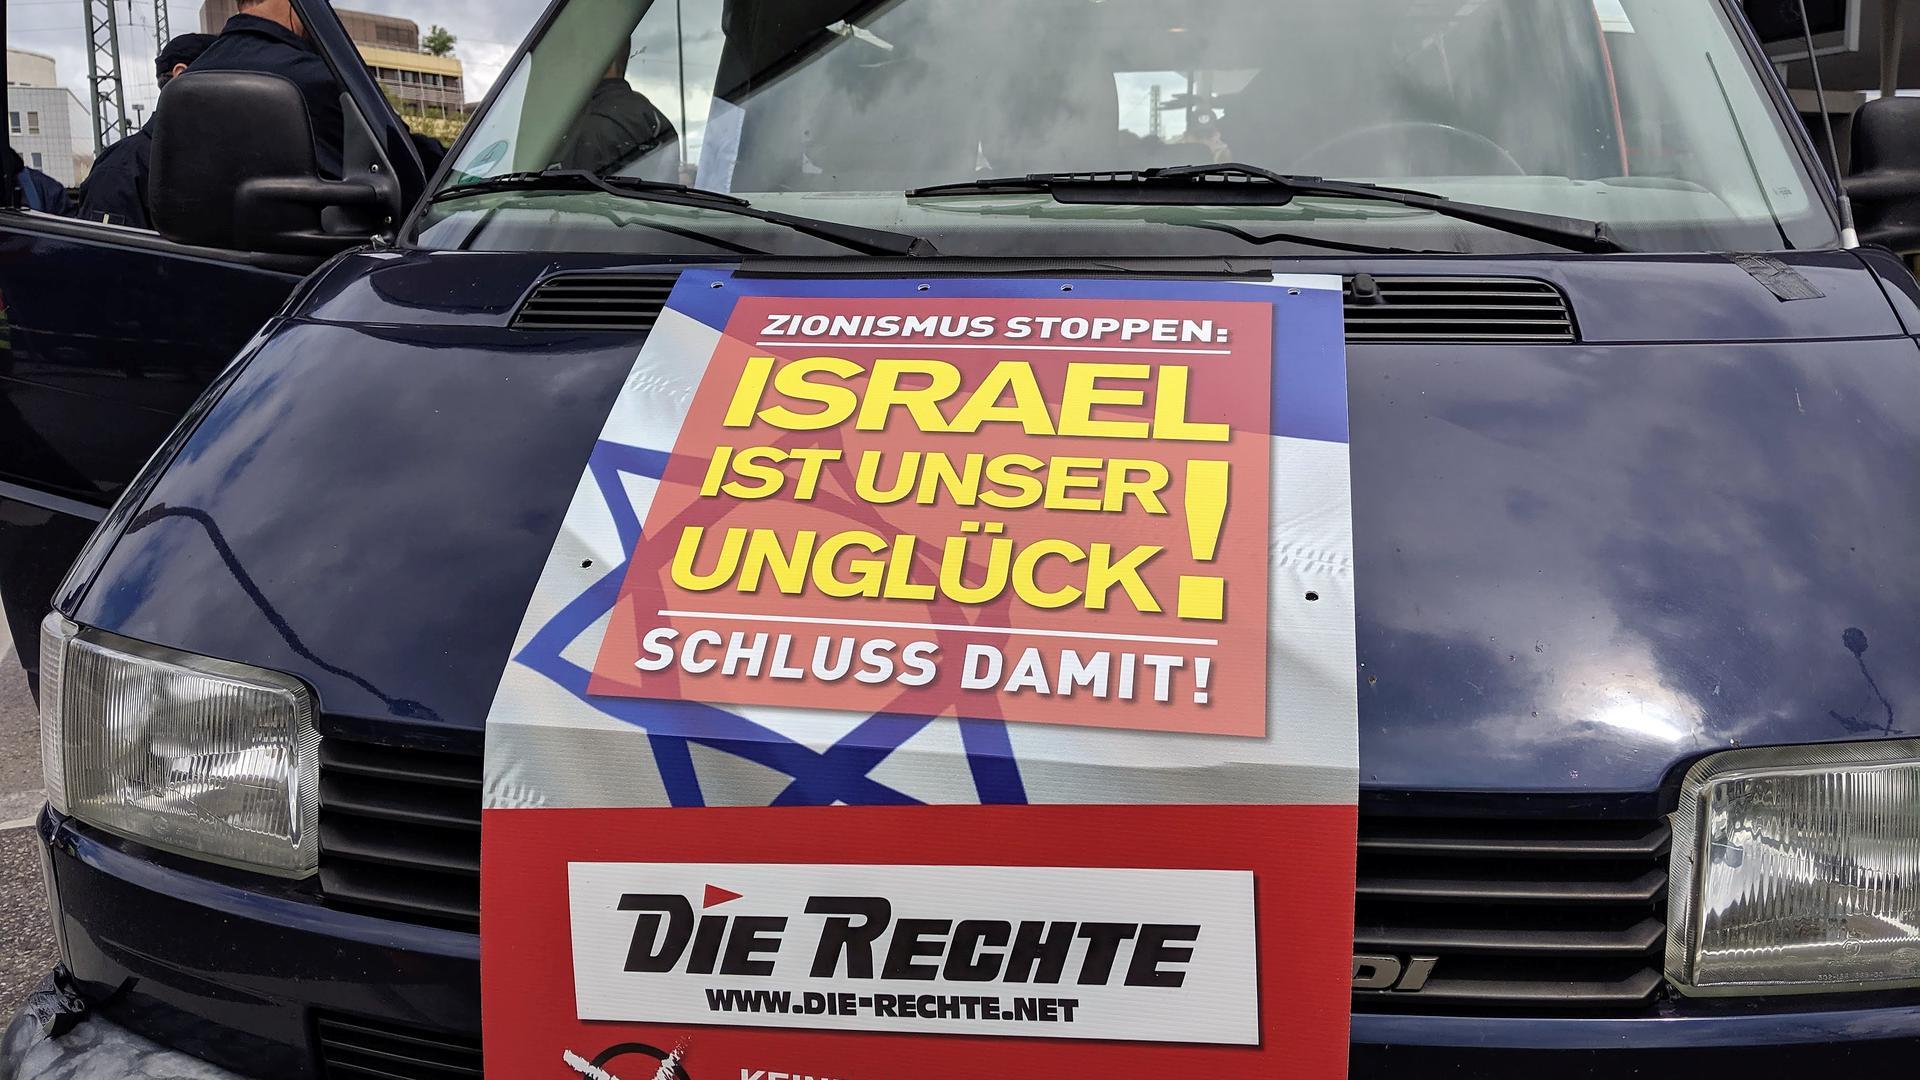 """Plakat auf einem Kleinbus am Pforzheimer Bahnhof: Isreal ist unsere Unglück, steht darauf. Grauzone der Meinungsfreiheit: Mit mehrdeutigen Wahlplakaten, hier bei einer Kundgebung in Pforzheim, provozierte die Kleinpartei """"Die Rechte"""" im Europawahlkampf 2019."""